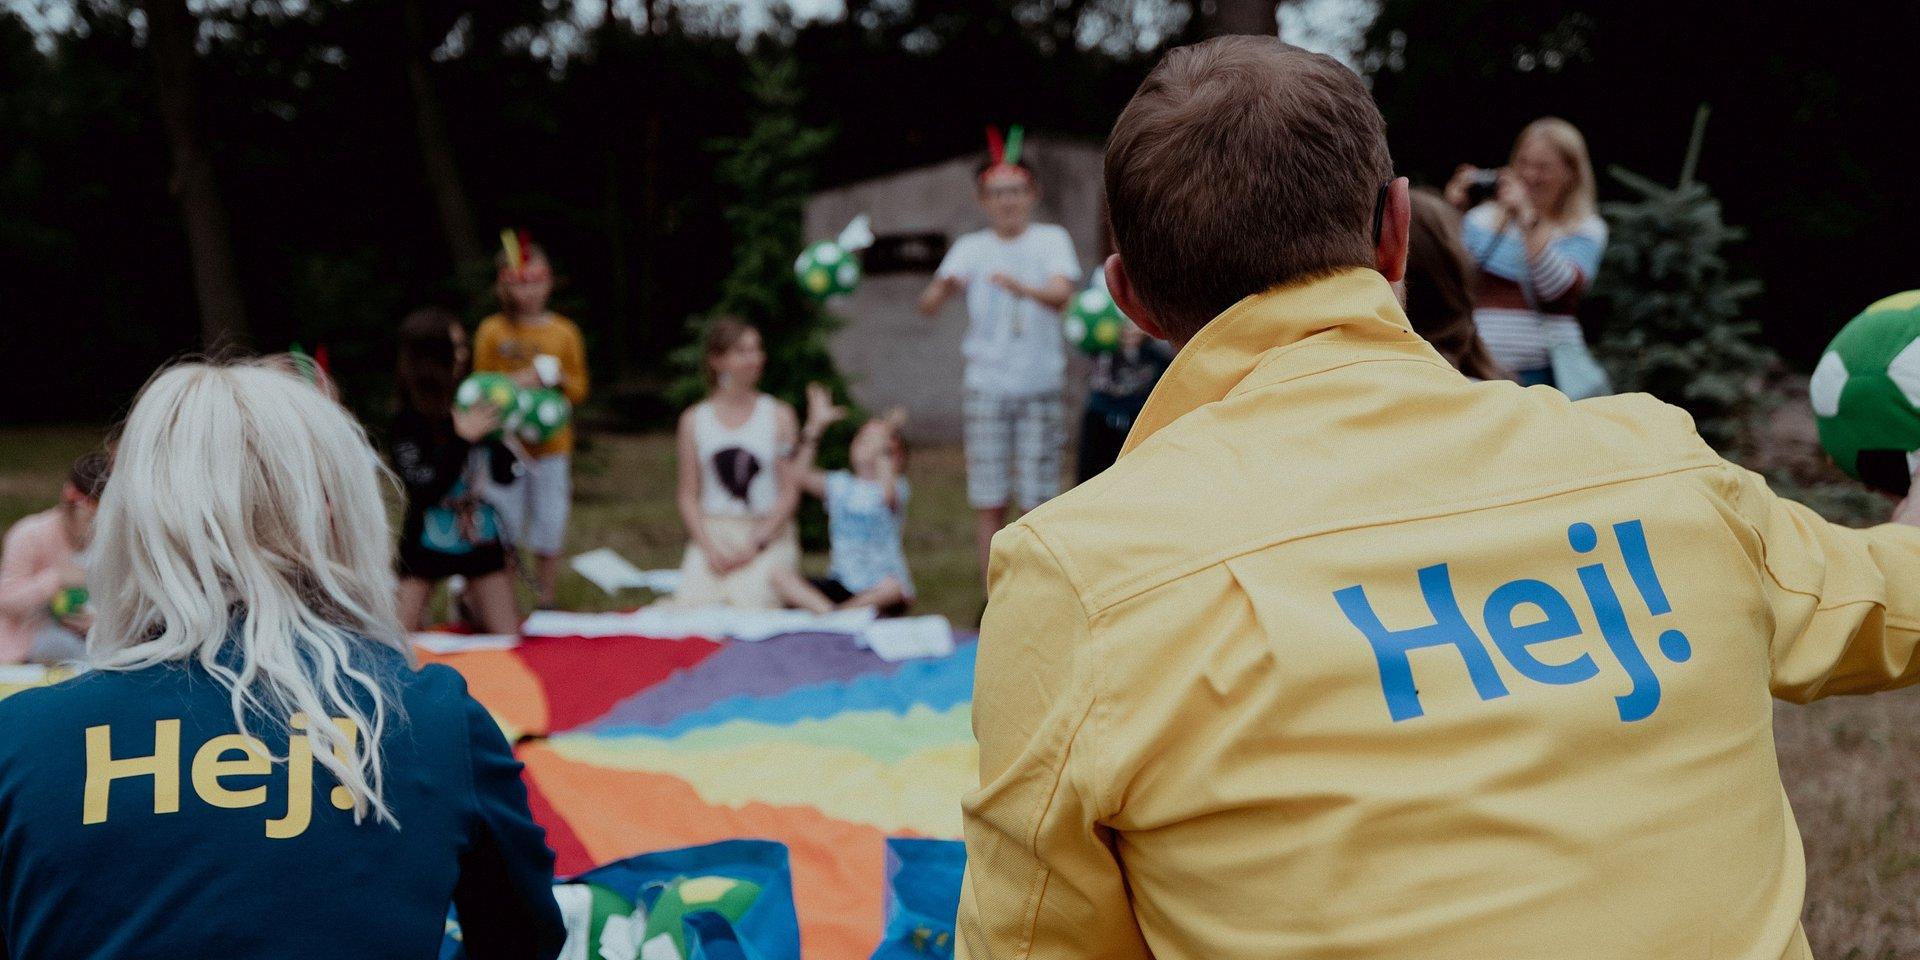 Pracownicy IKEA Szczecin poznają podopiecznych Fundacji Mam Dom ze Szczecina – laureata konkursu grantowego IKEA